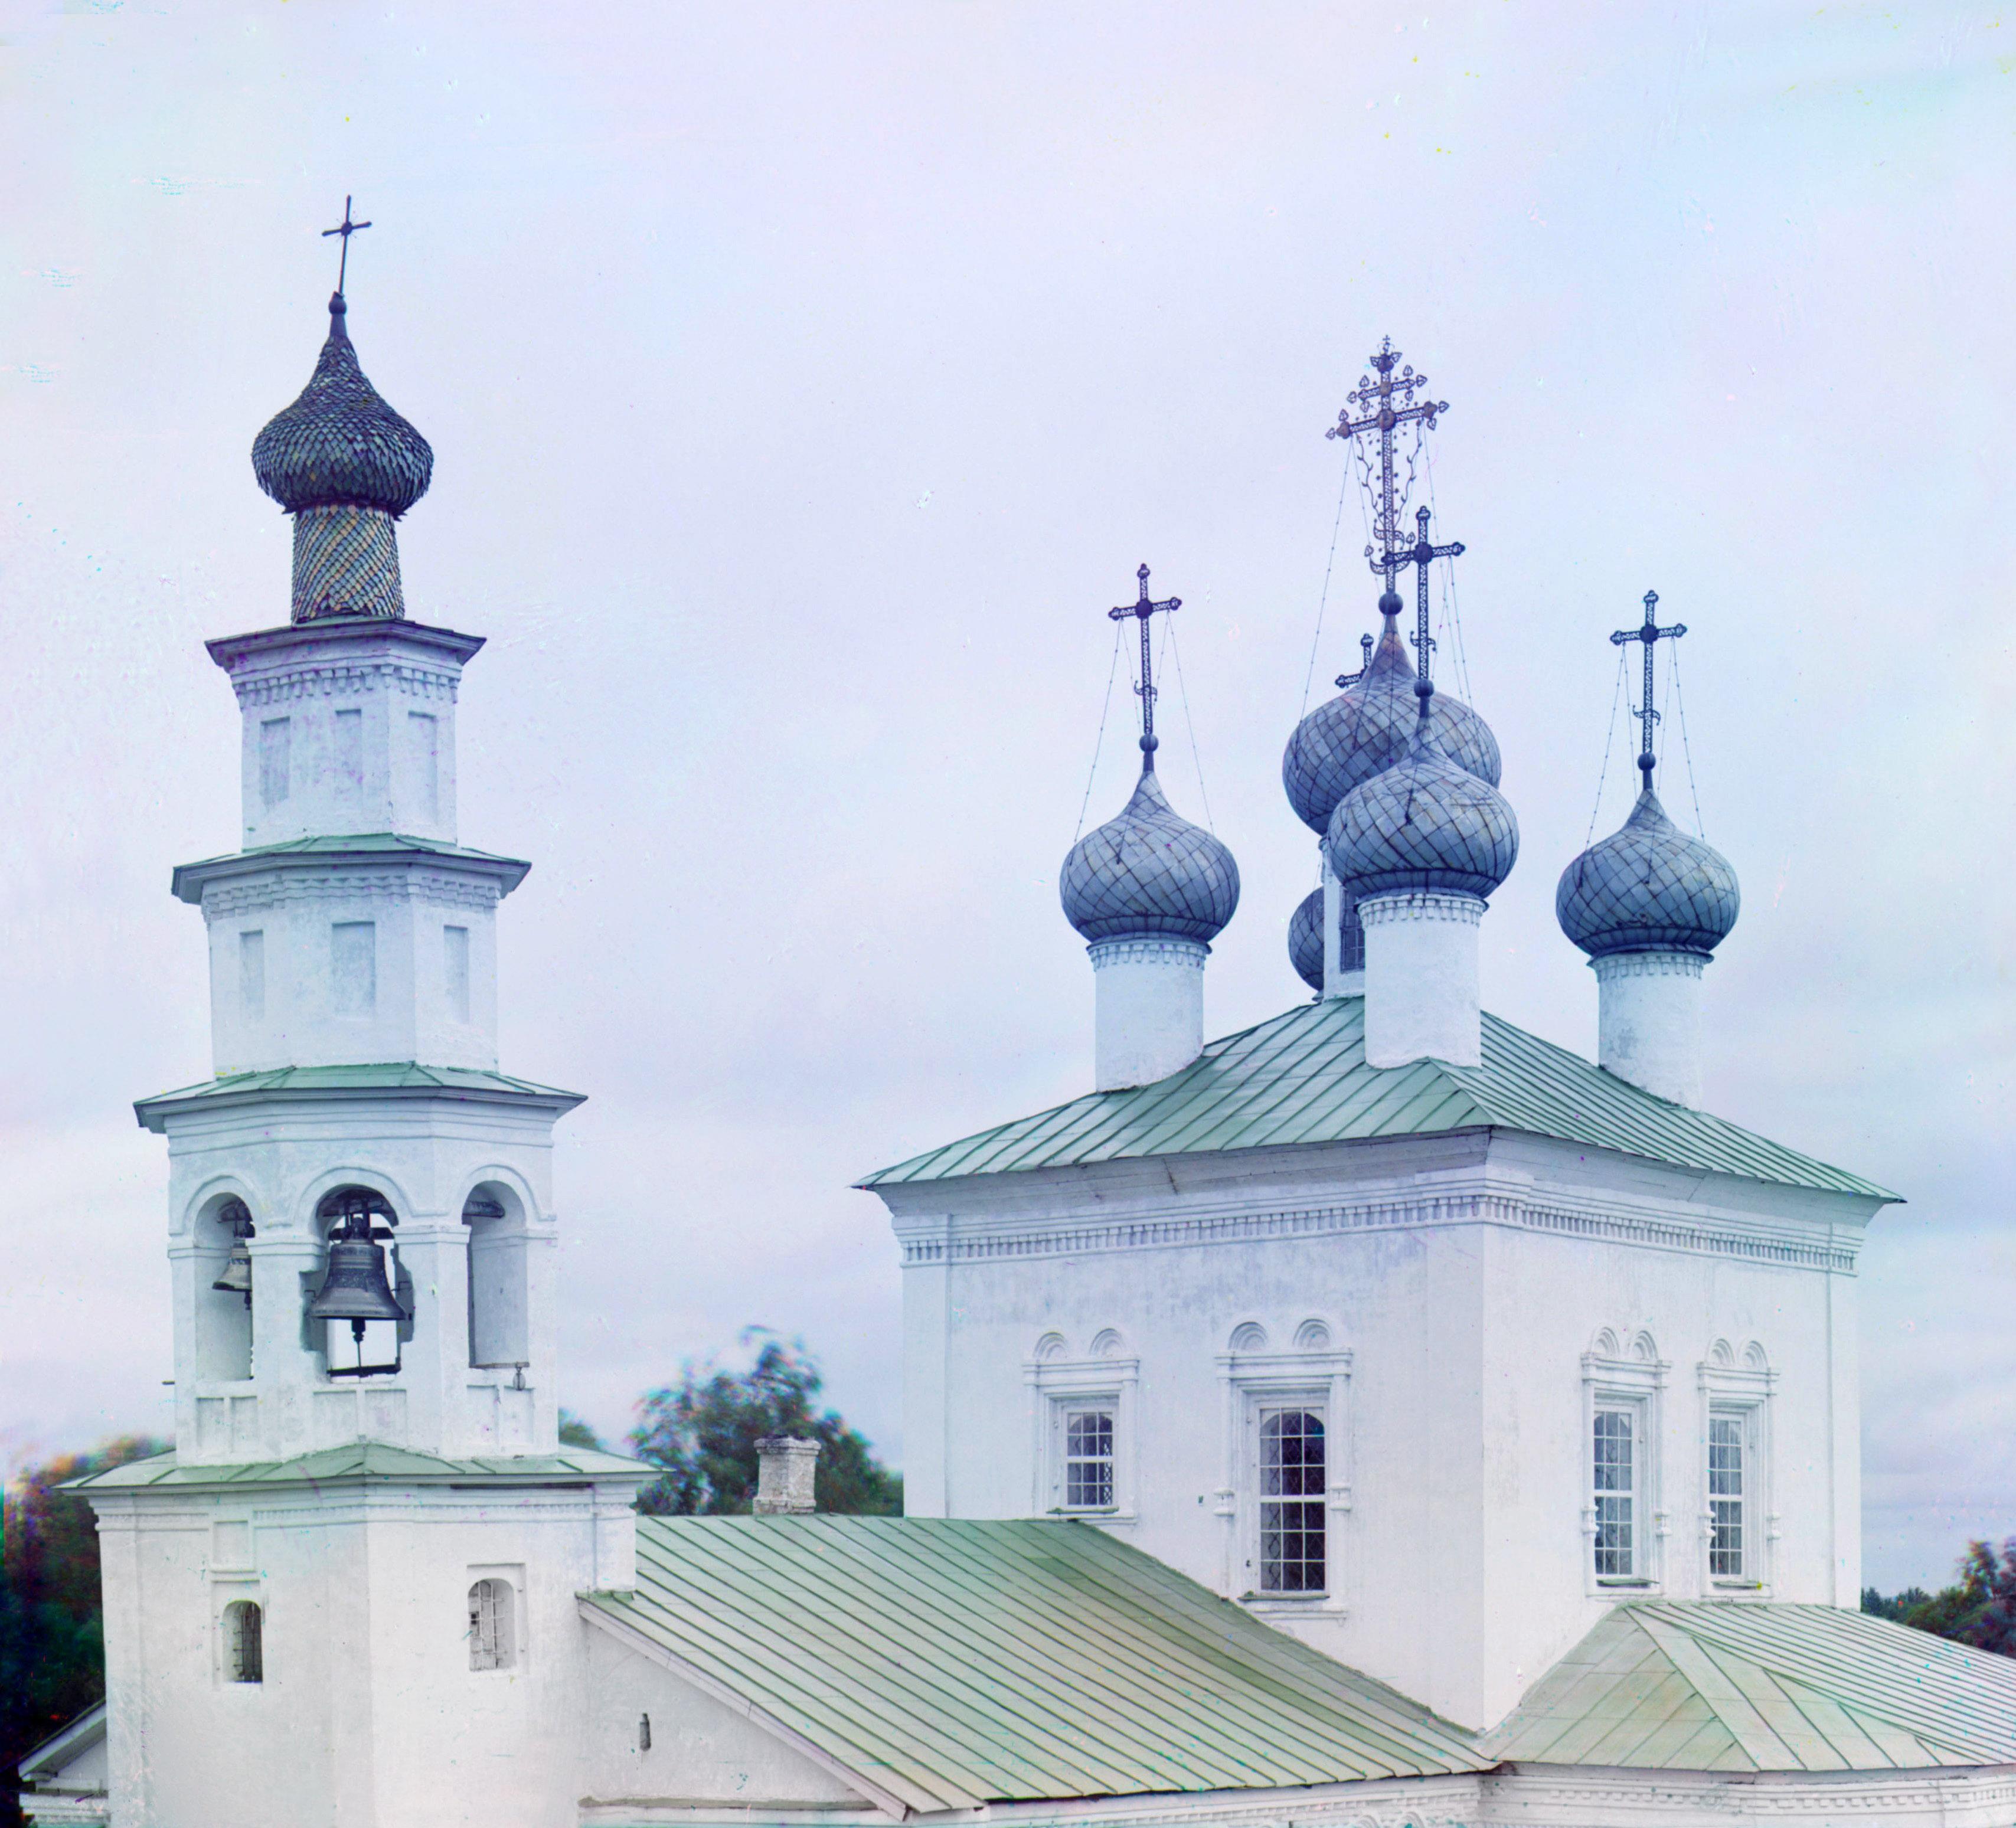 Белозерск. Церковь во имя Благовещения Пресвятой Богородицы